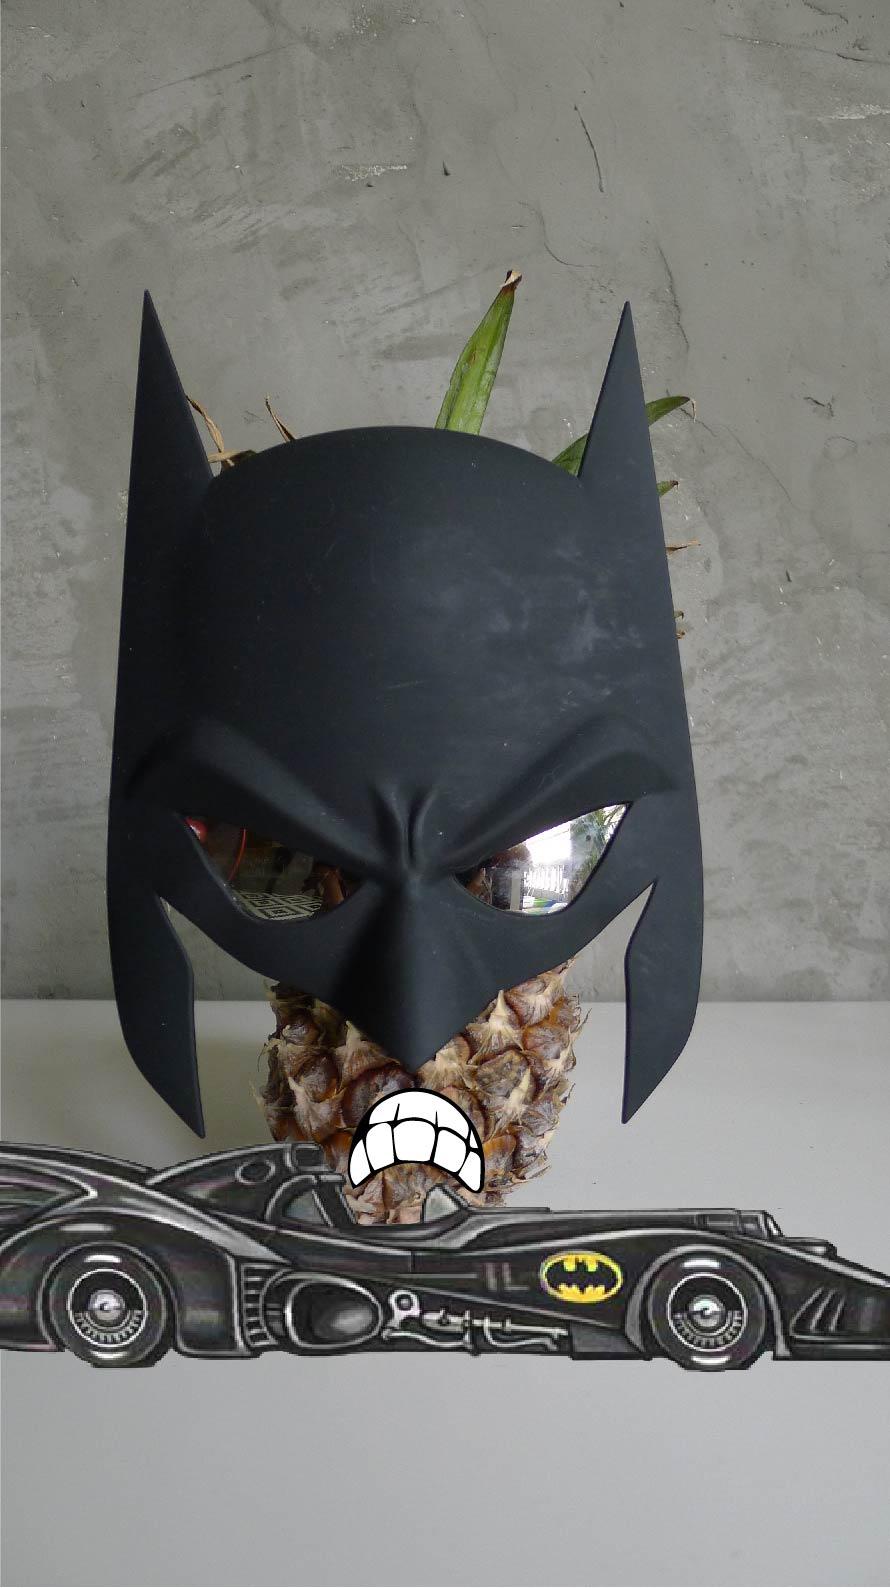 Mr. Bat-ananas!